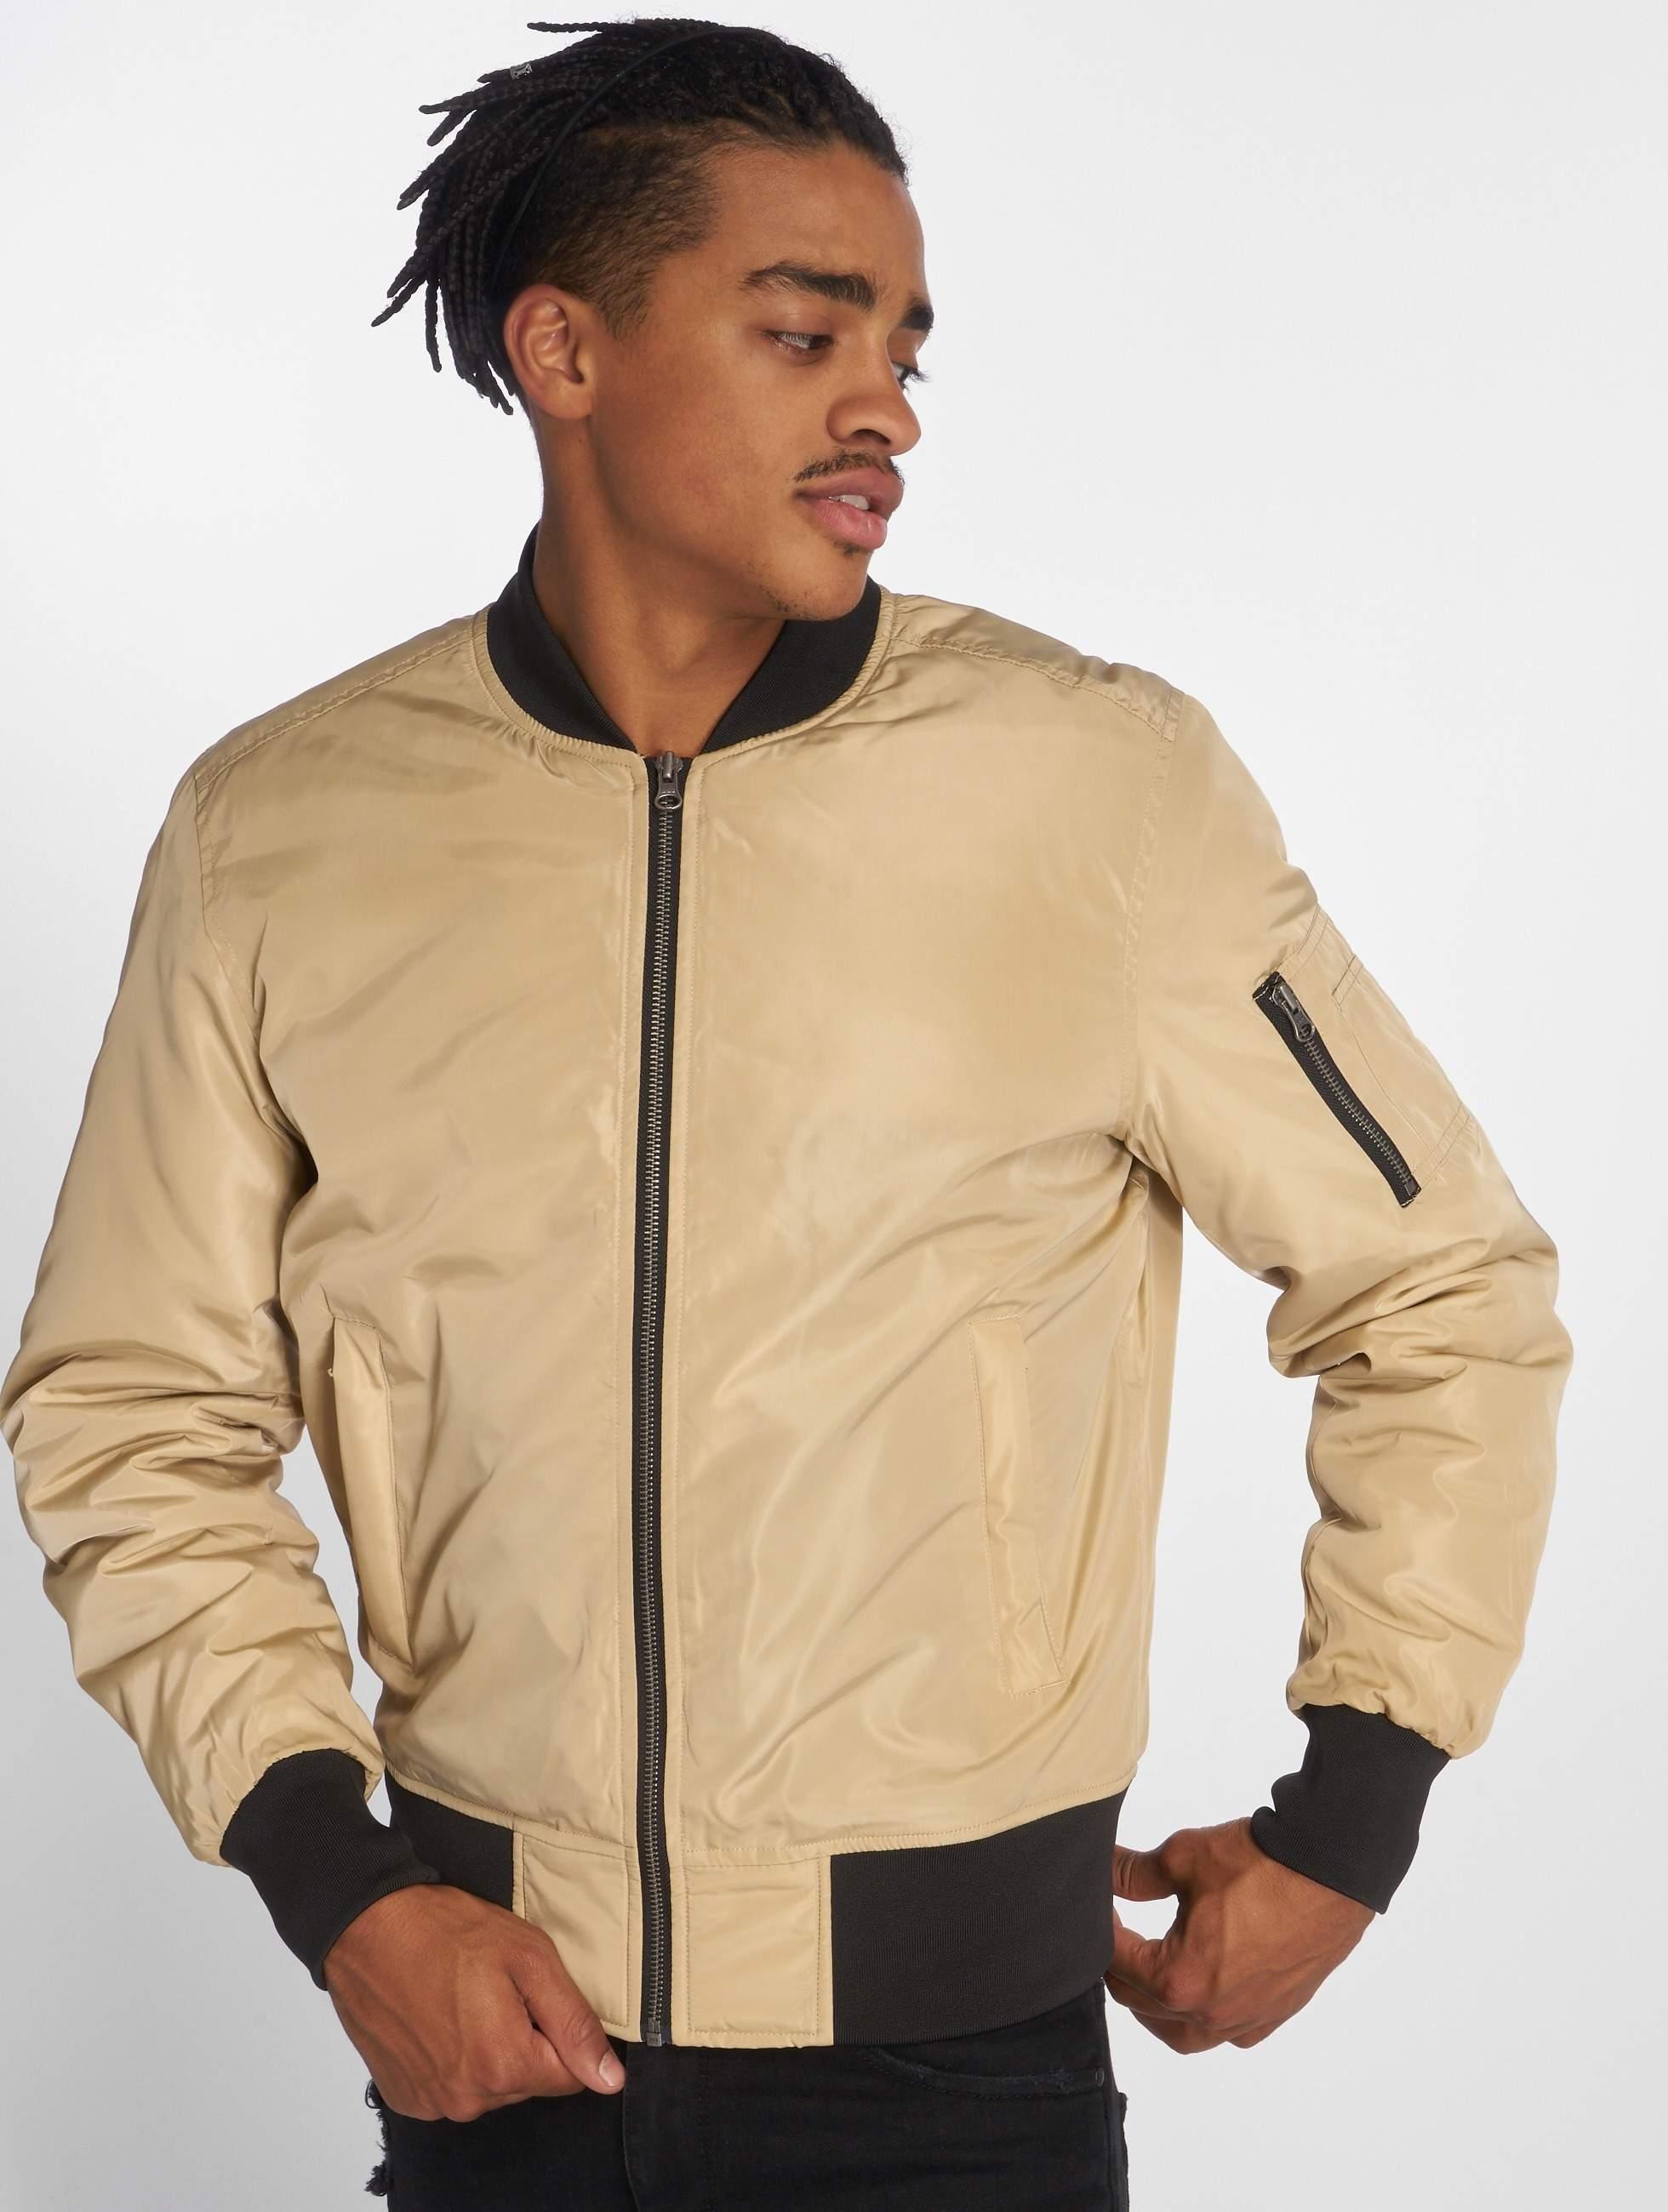 355d7abc Urban Classics jas / Bomberjack 2-Tone in beige 304619